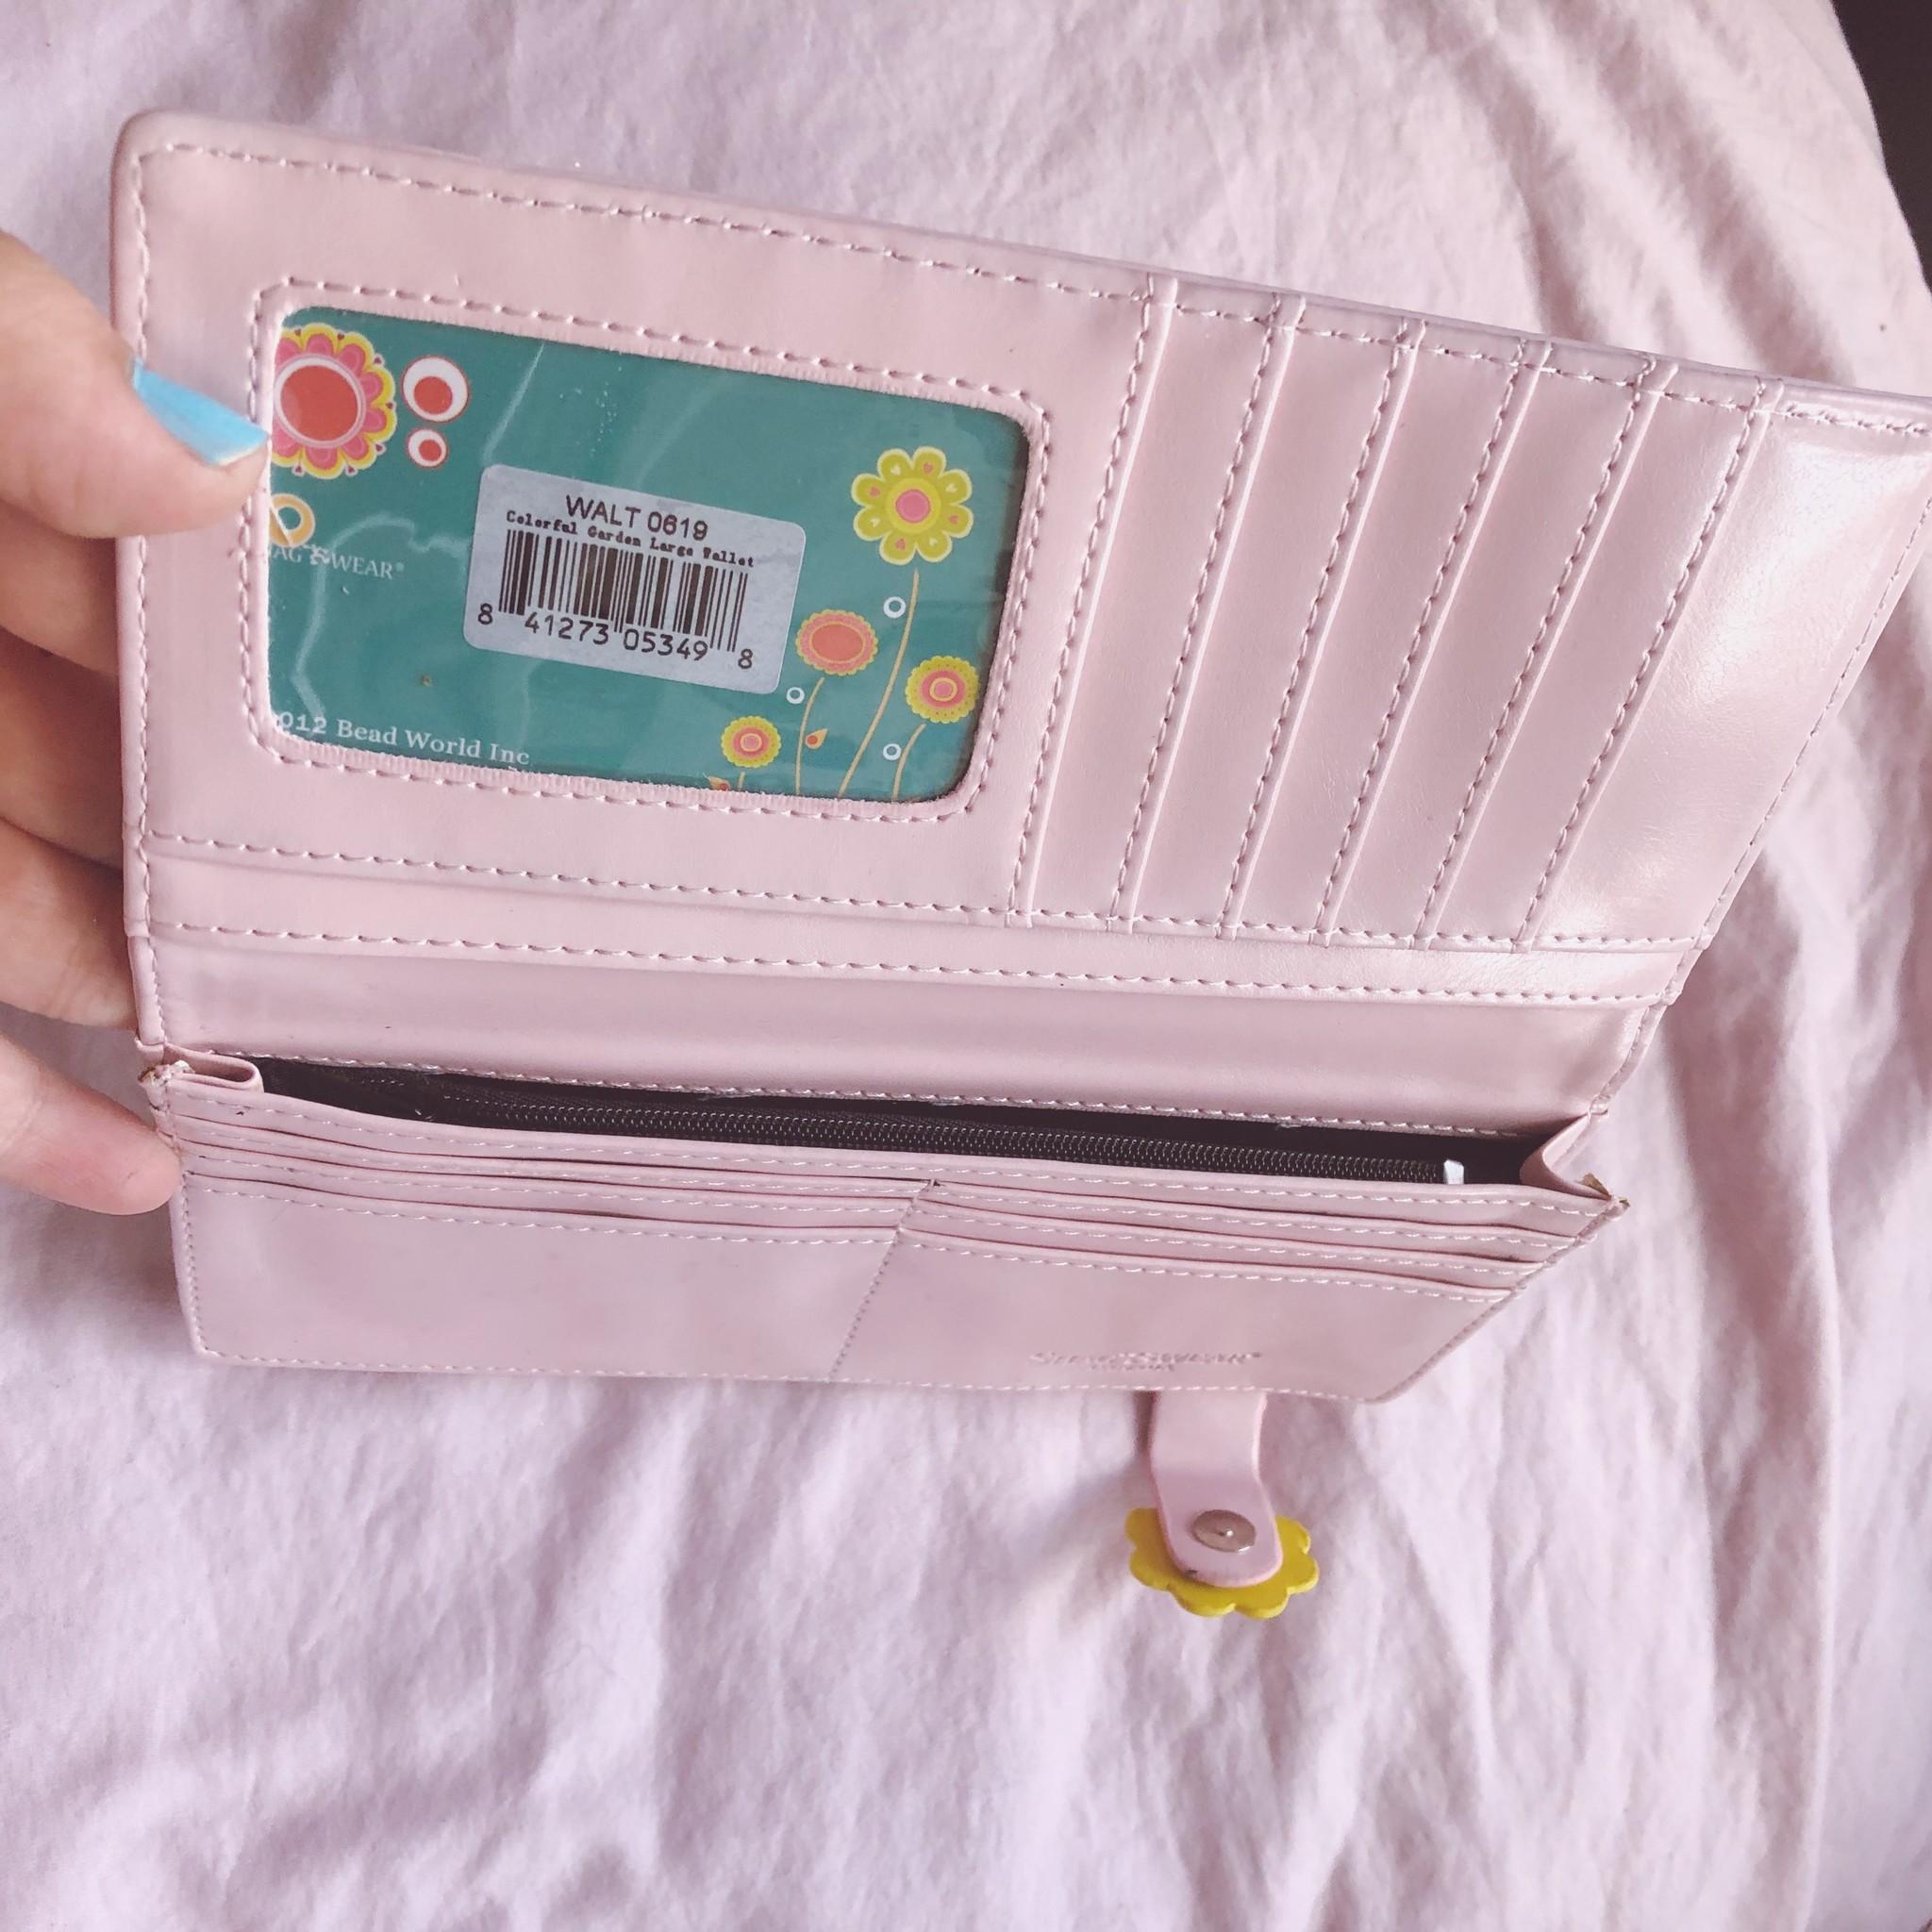 Shag Wear Flower Power Wallet